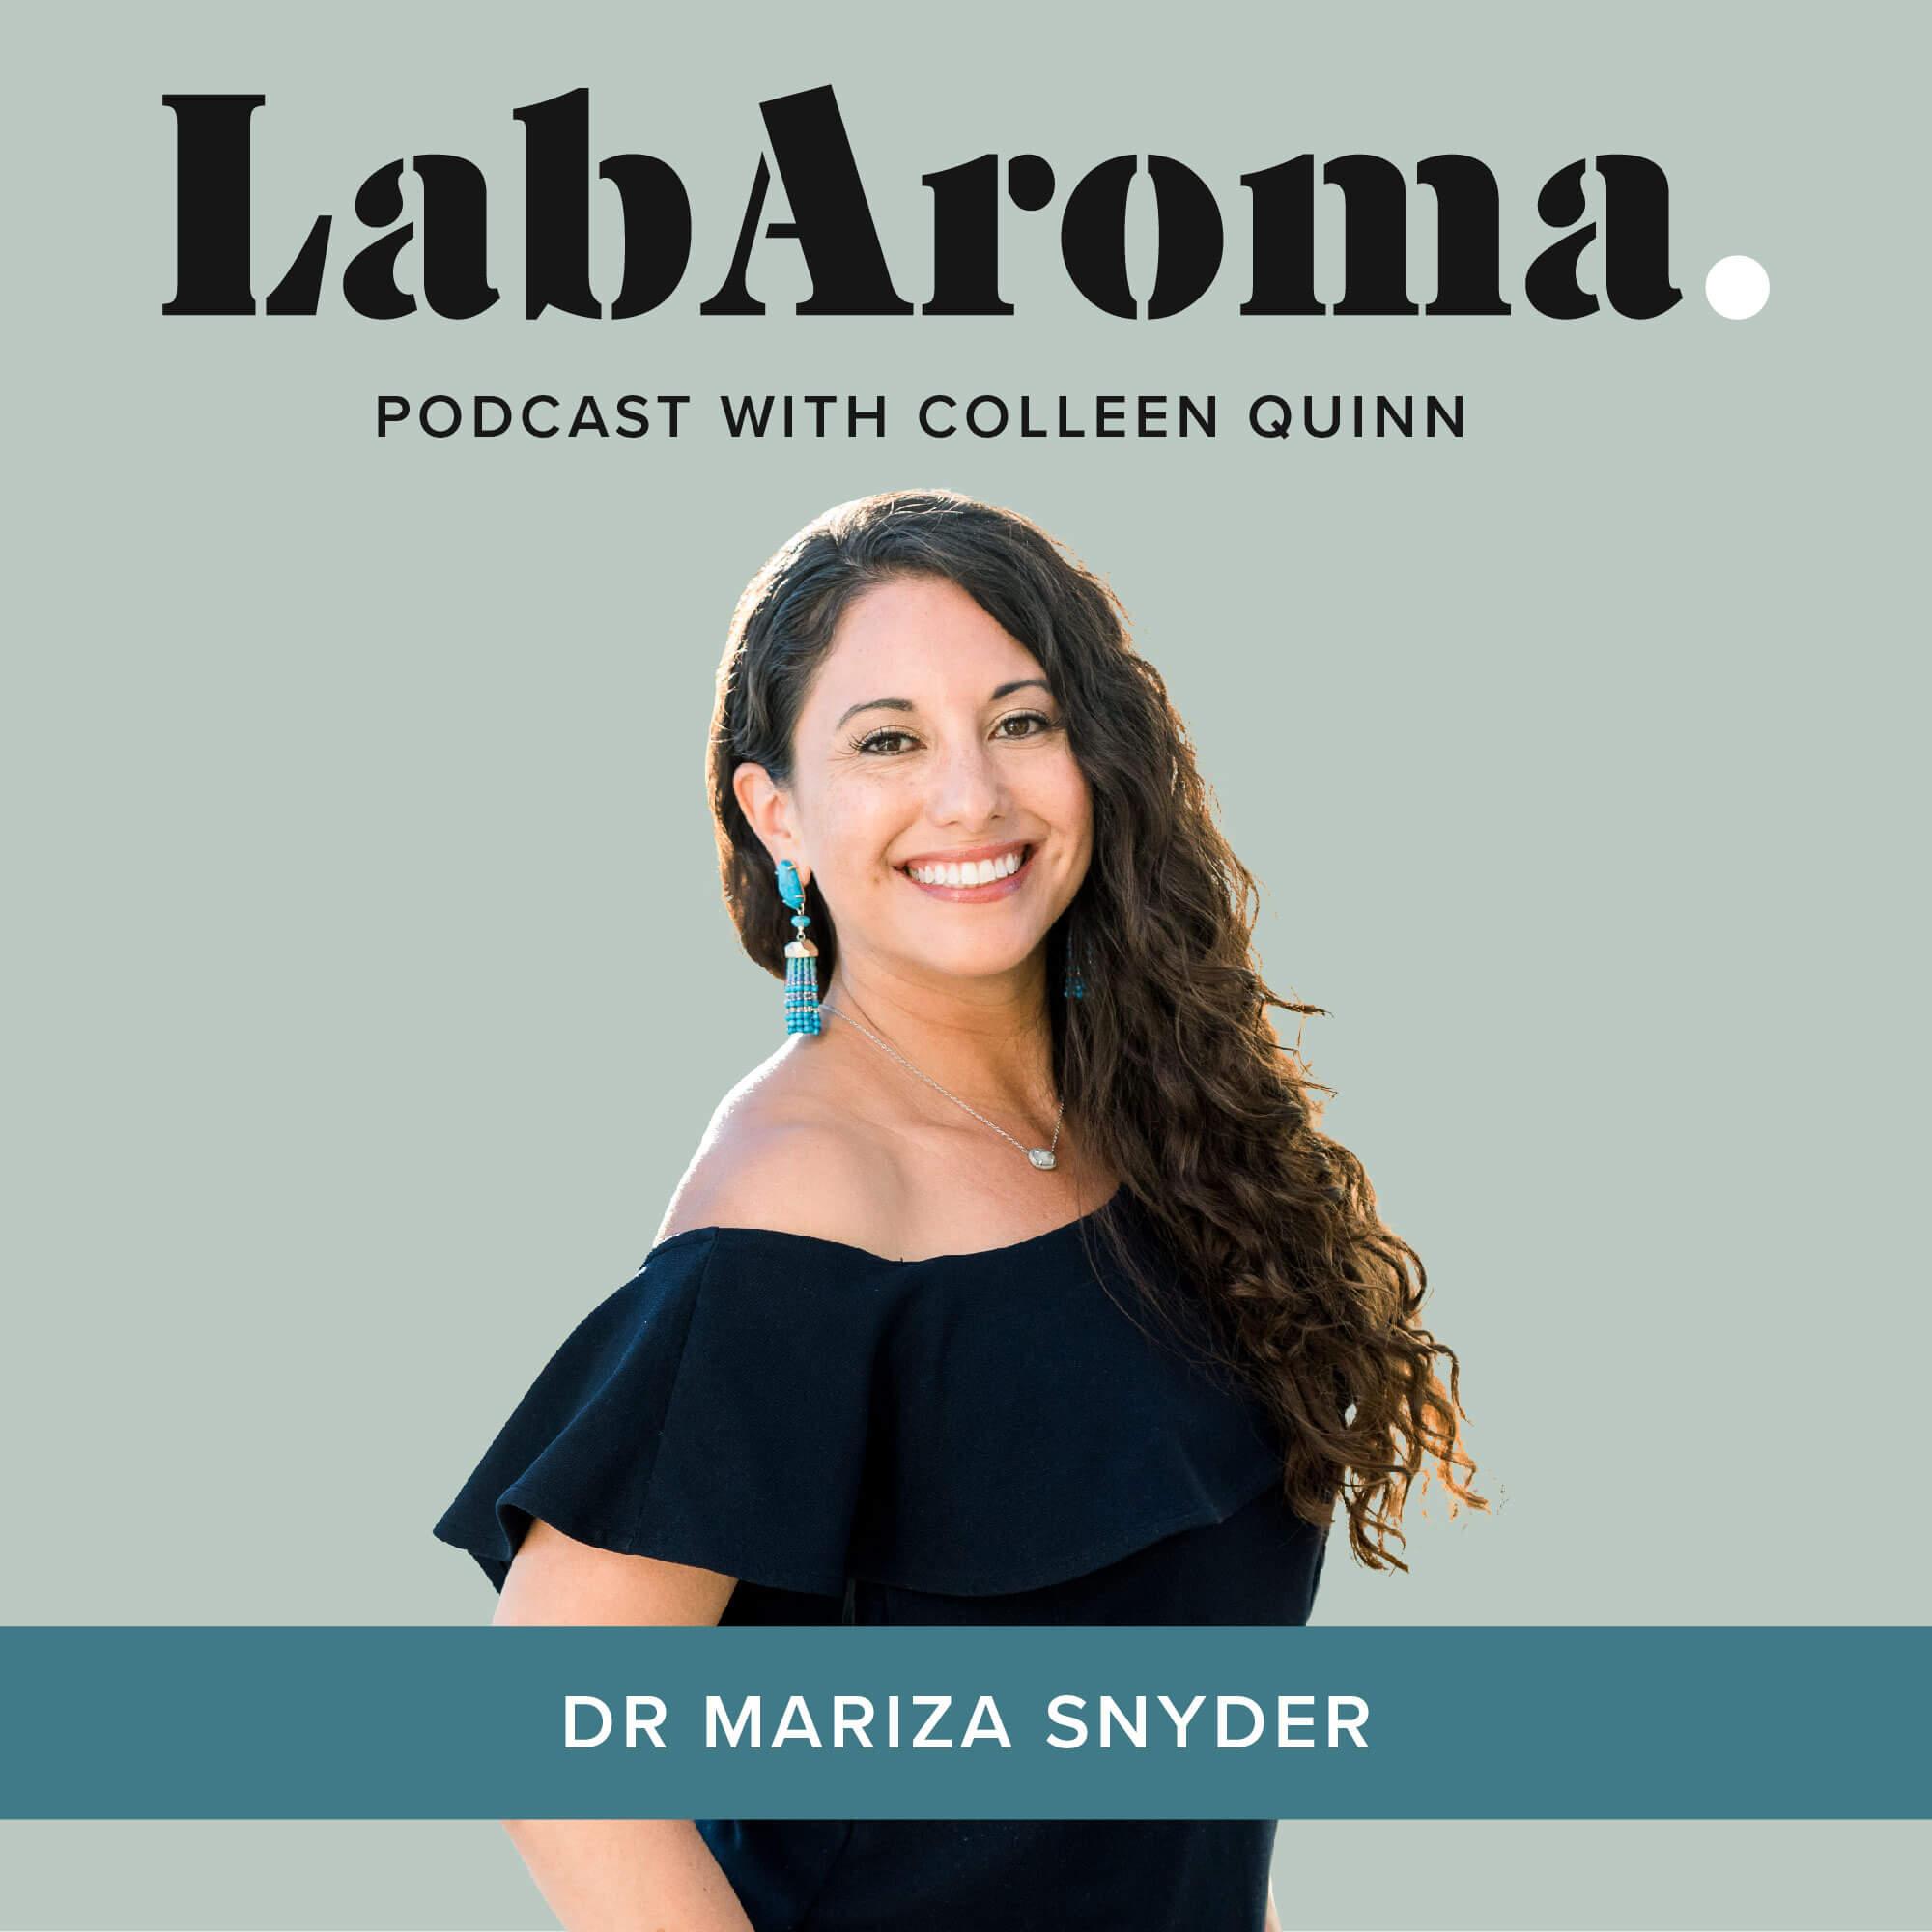 Dr Mariza Snyder